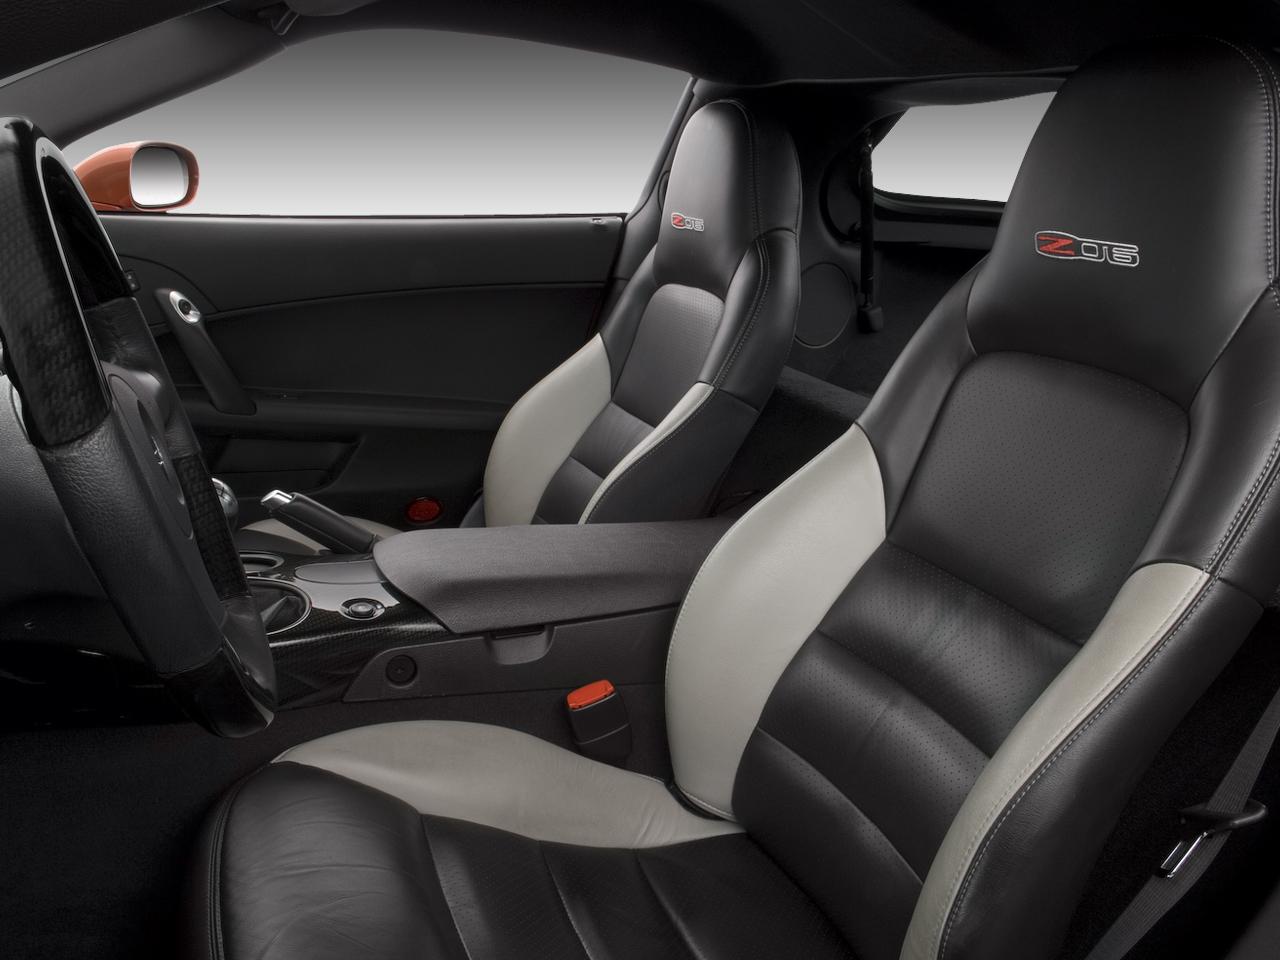 2007 Chevrolet Corvette Convertible - Top Convertibles Feature ...